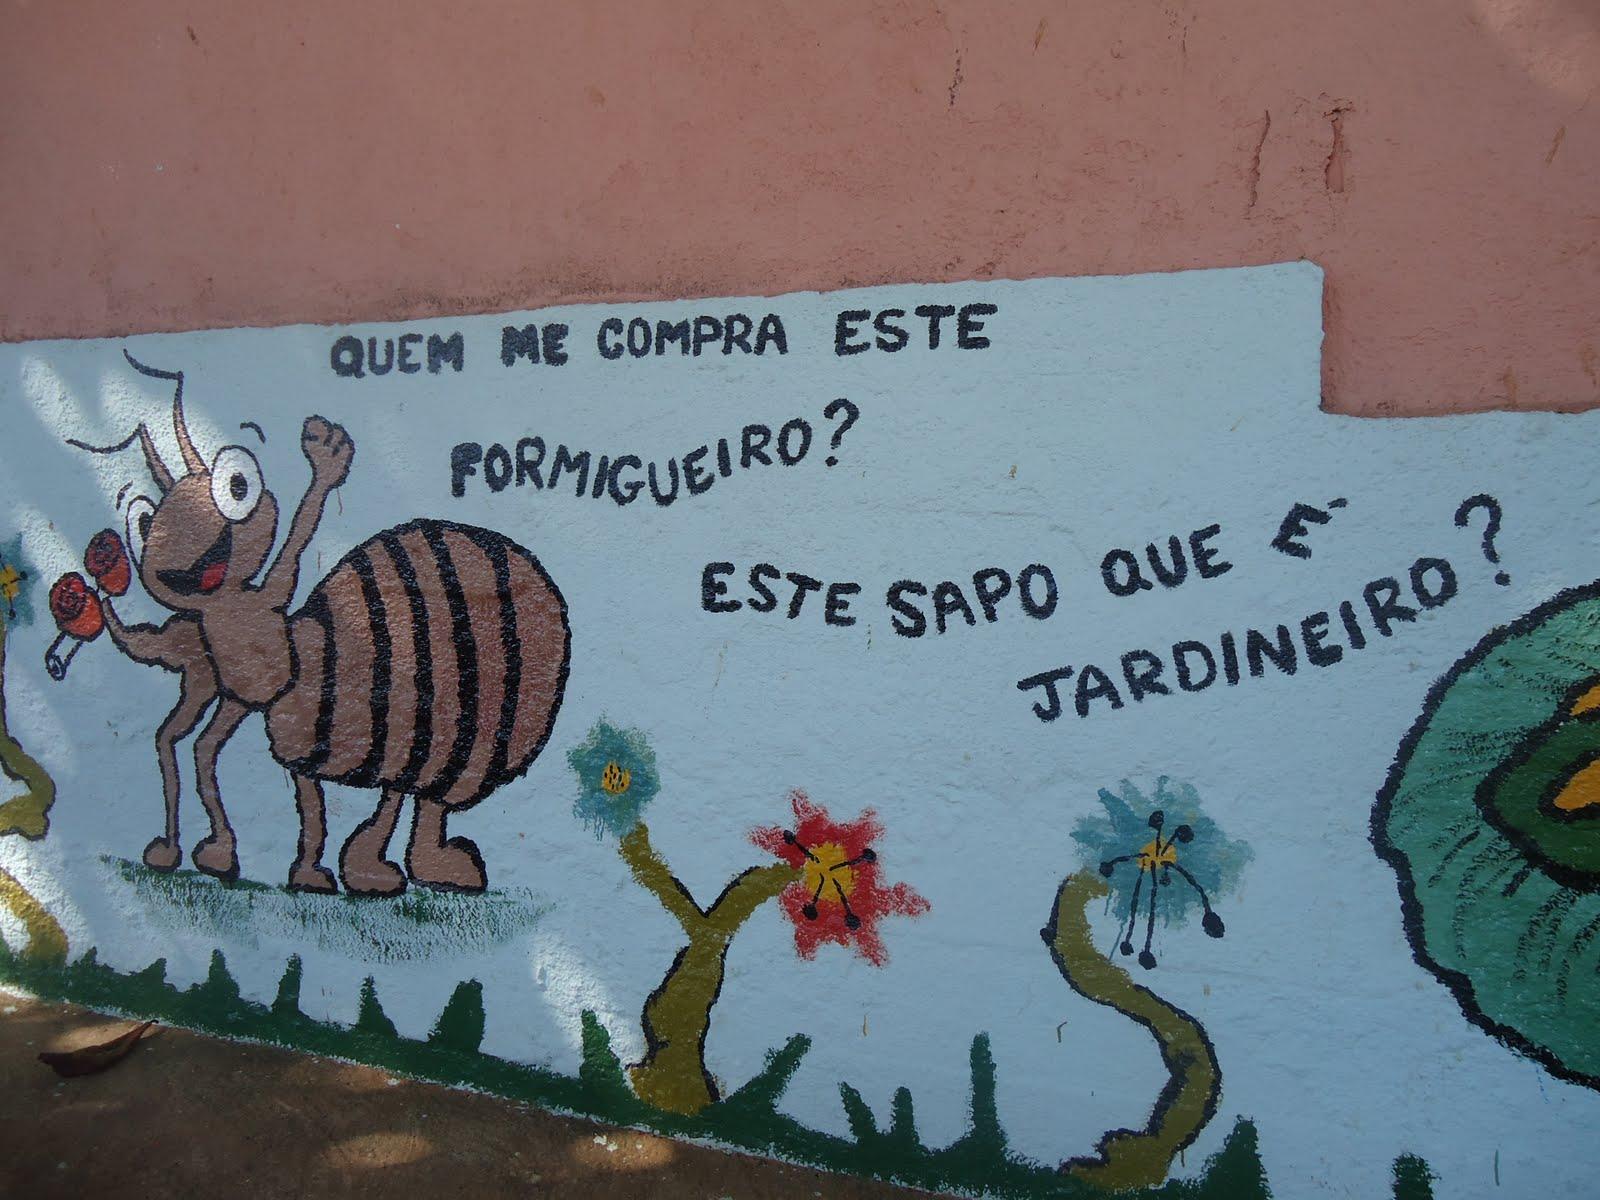 flores no jardim poema:ESCOLA MUNICIPAL DOMINGOS DINIZ MOREIRA: Projeto Jardim de Poesias